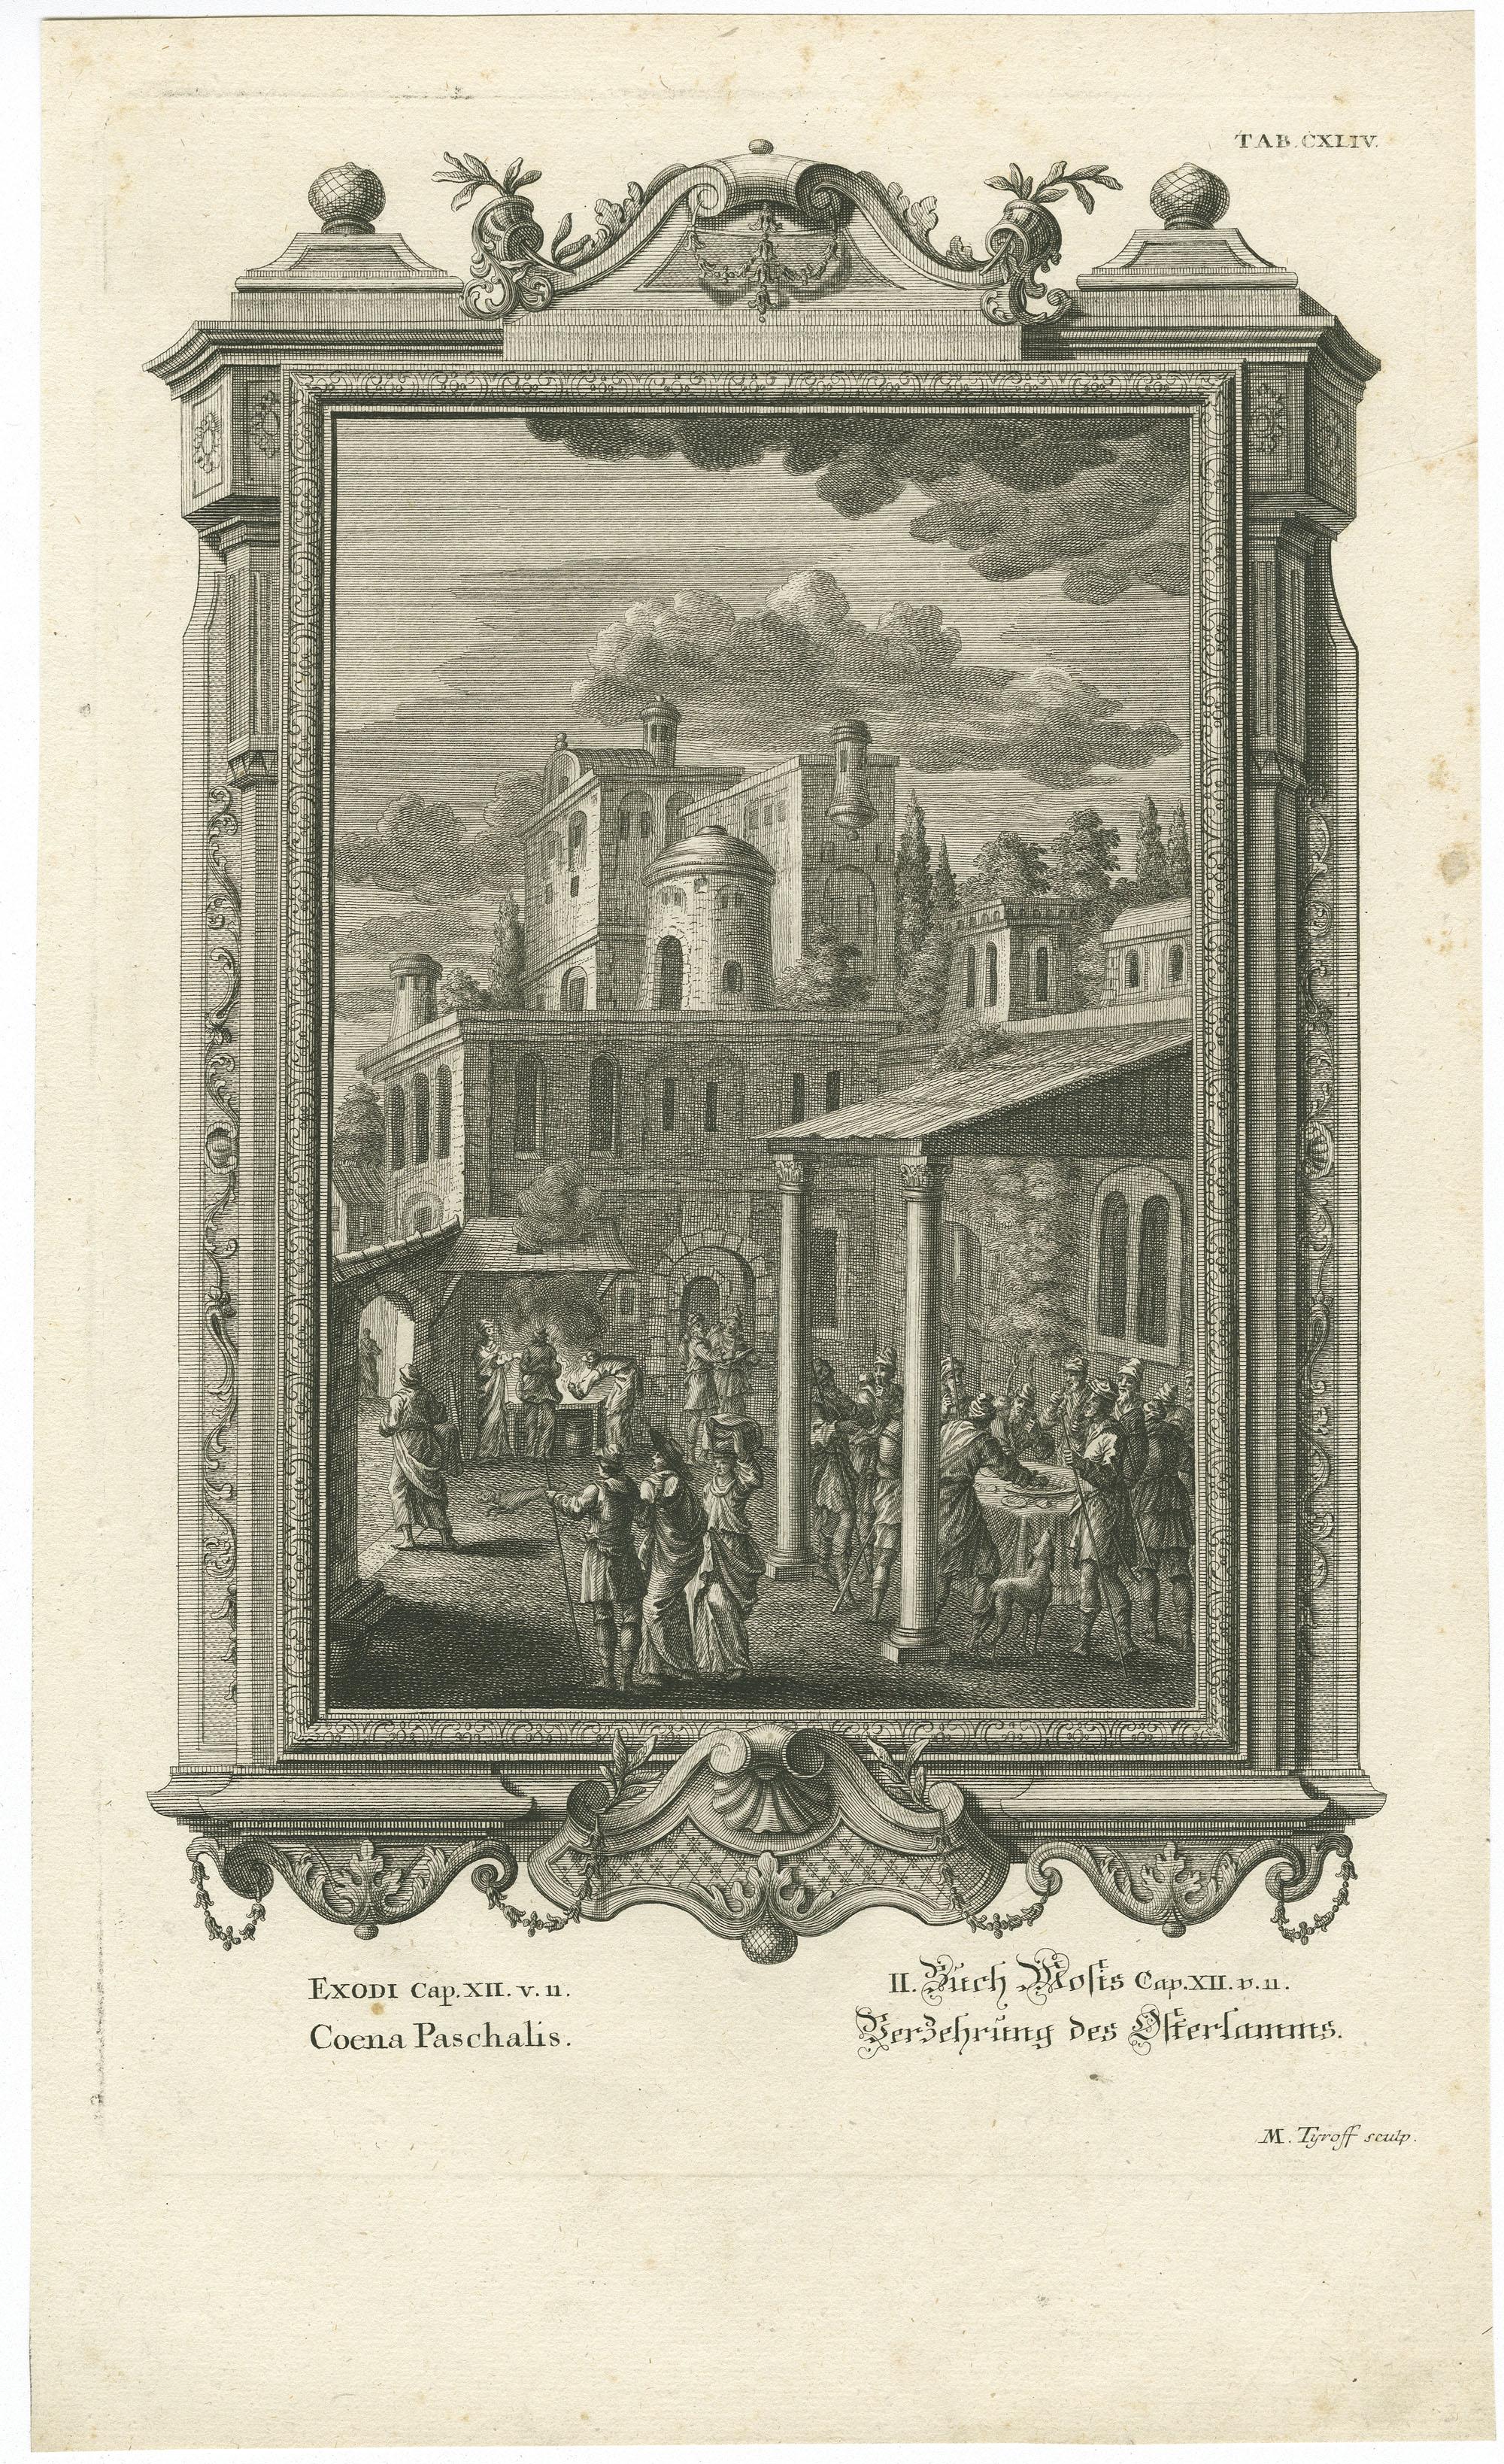 Exodi Cap. XII. v. 11 Coena Paschalis / II. Buch Mosis Cap. XII. v. 11 Verzehrung des Osterlamms